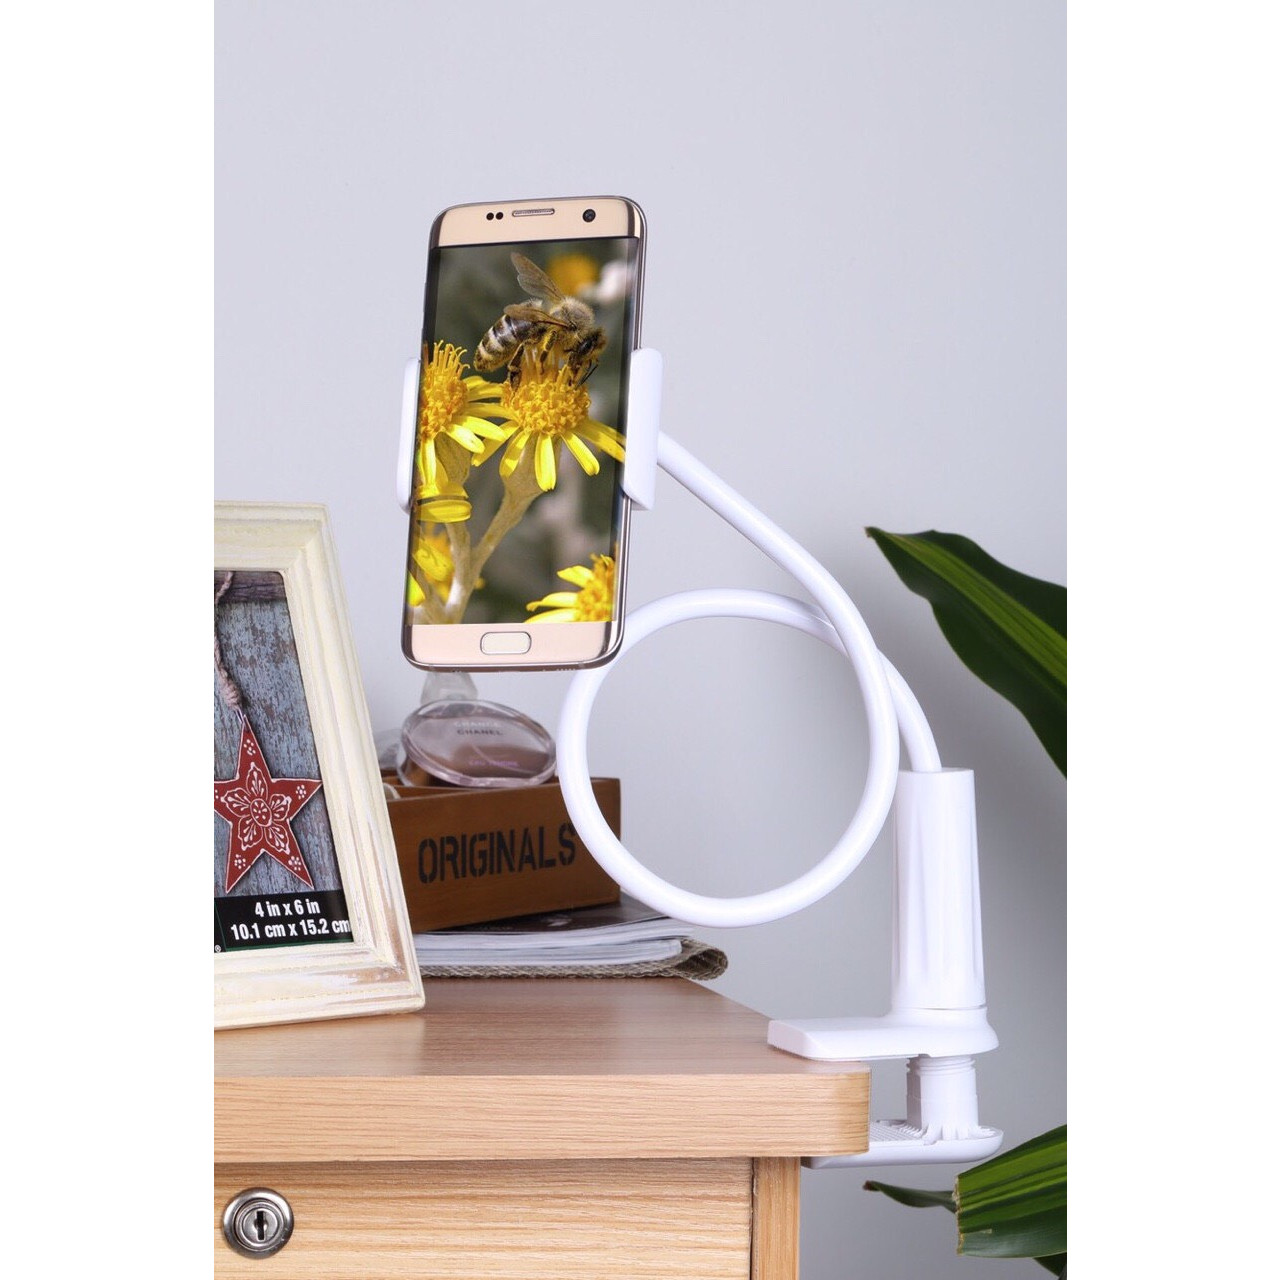 Gía đỡ điện thoại để bàn tiện lợi hàng chất lượng cao